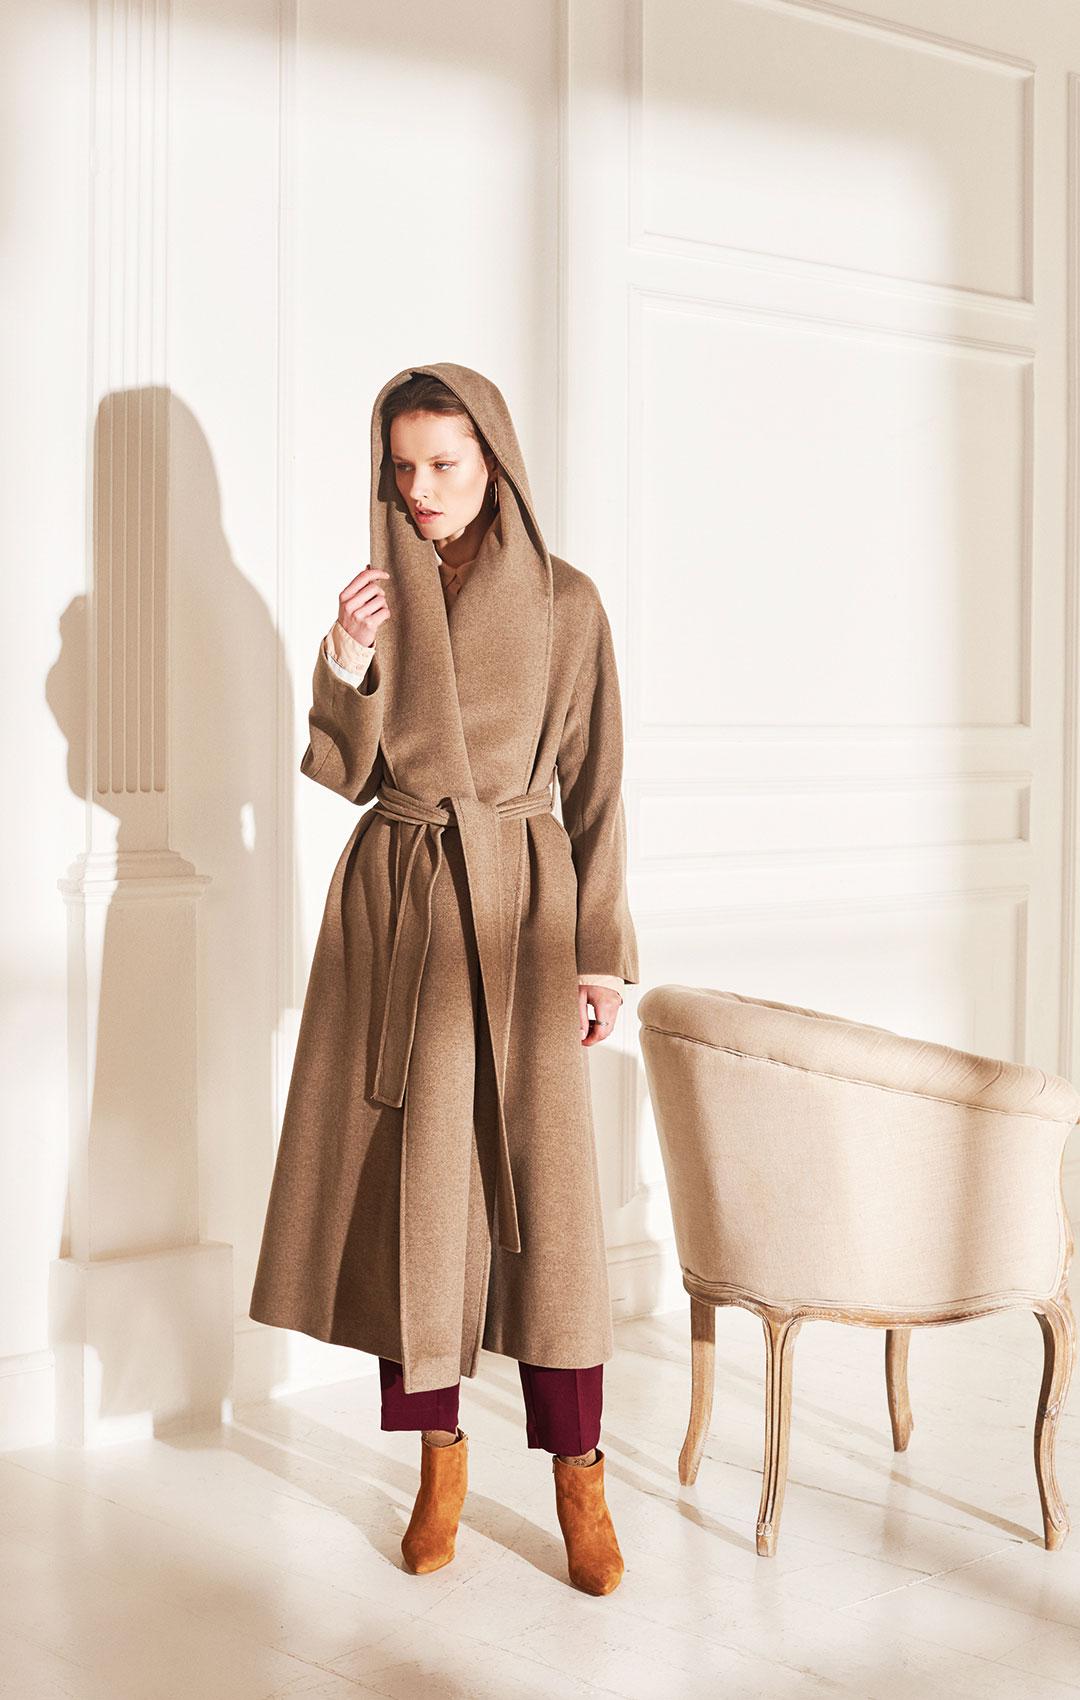 lenoci luxury - vestaglia over tessuto 100% cashmere trattamento beaver super soft